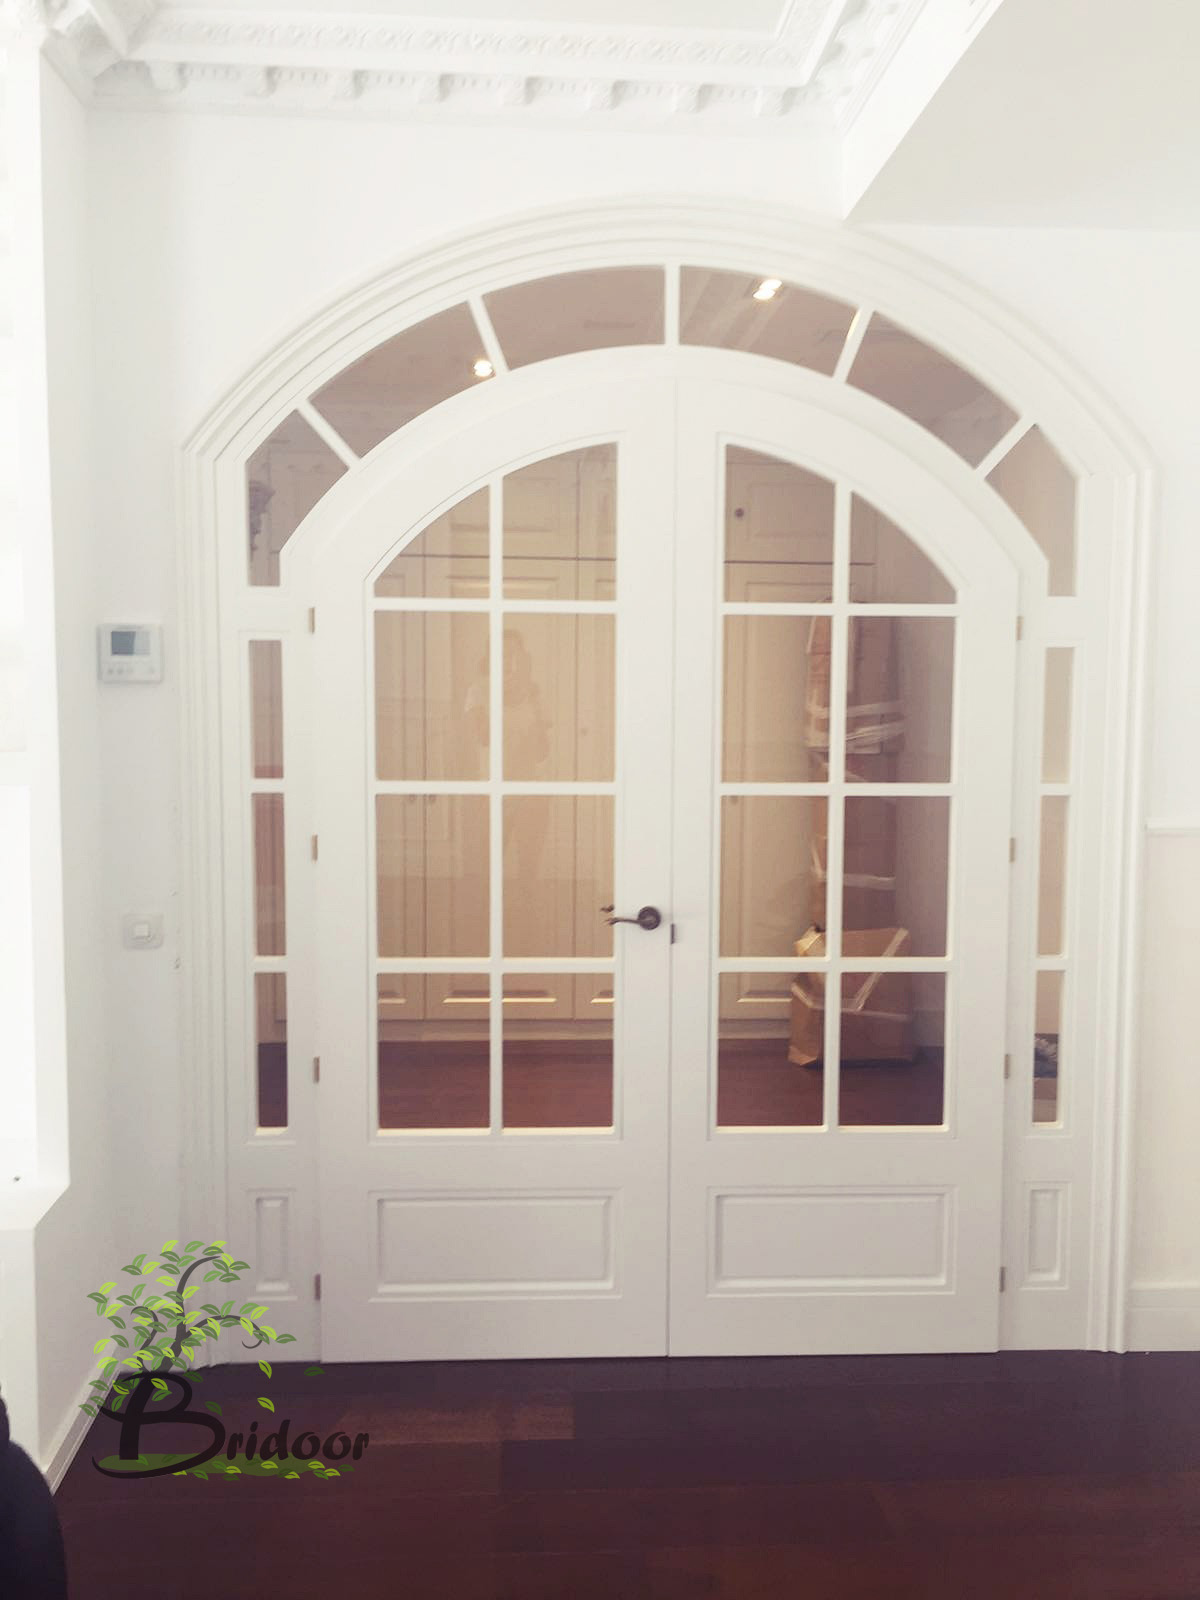 Bridoor s l puertas lacadas a medida y dise o especial en - Arcos decorativos para puertas ...